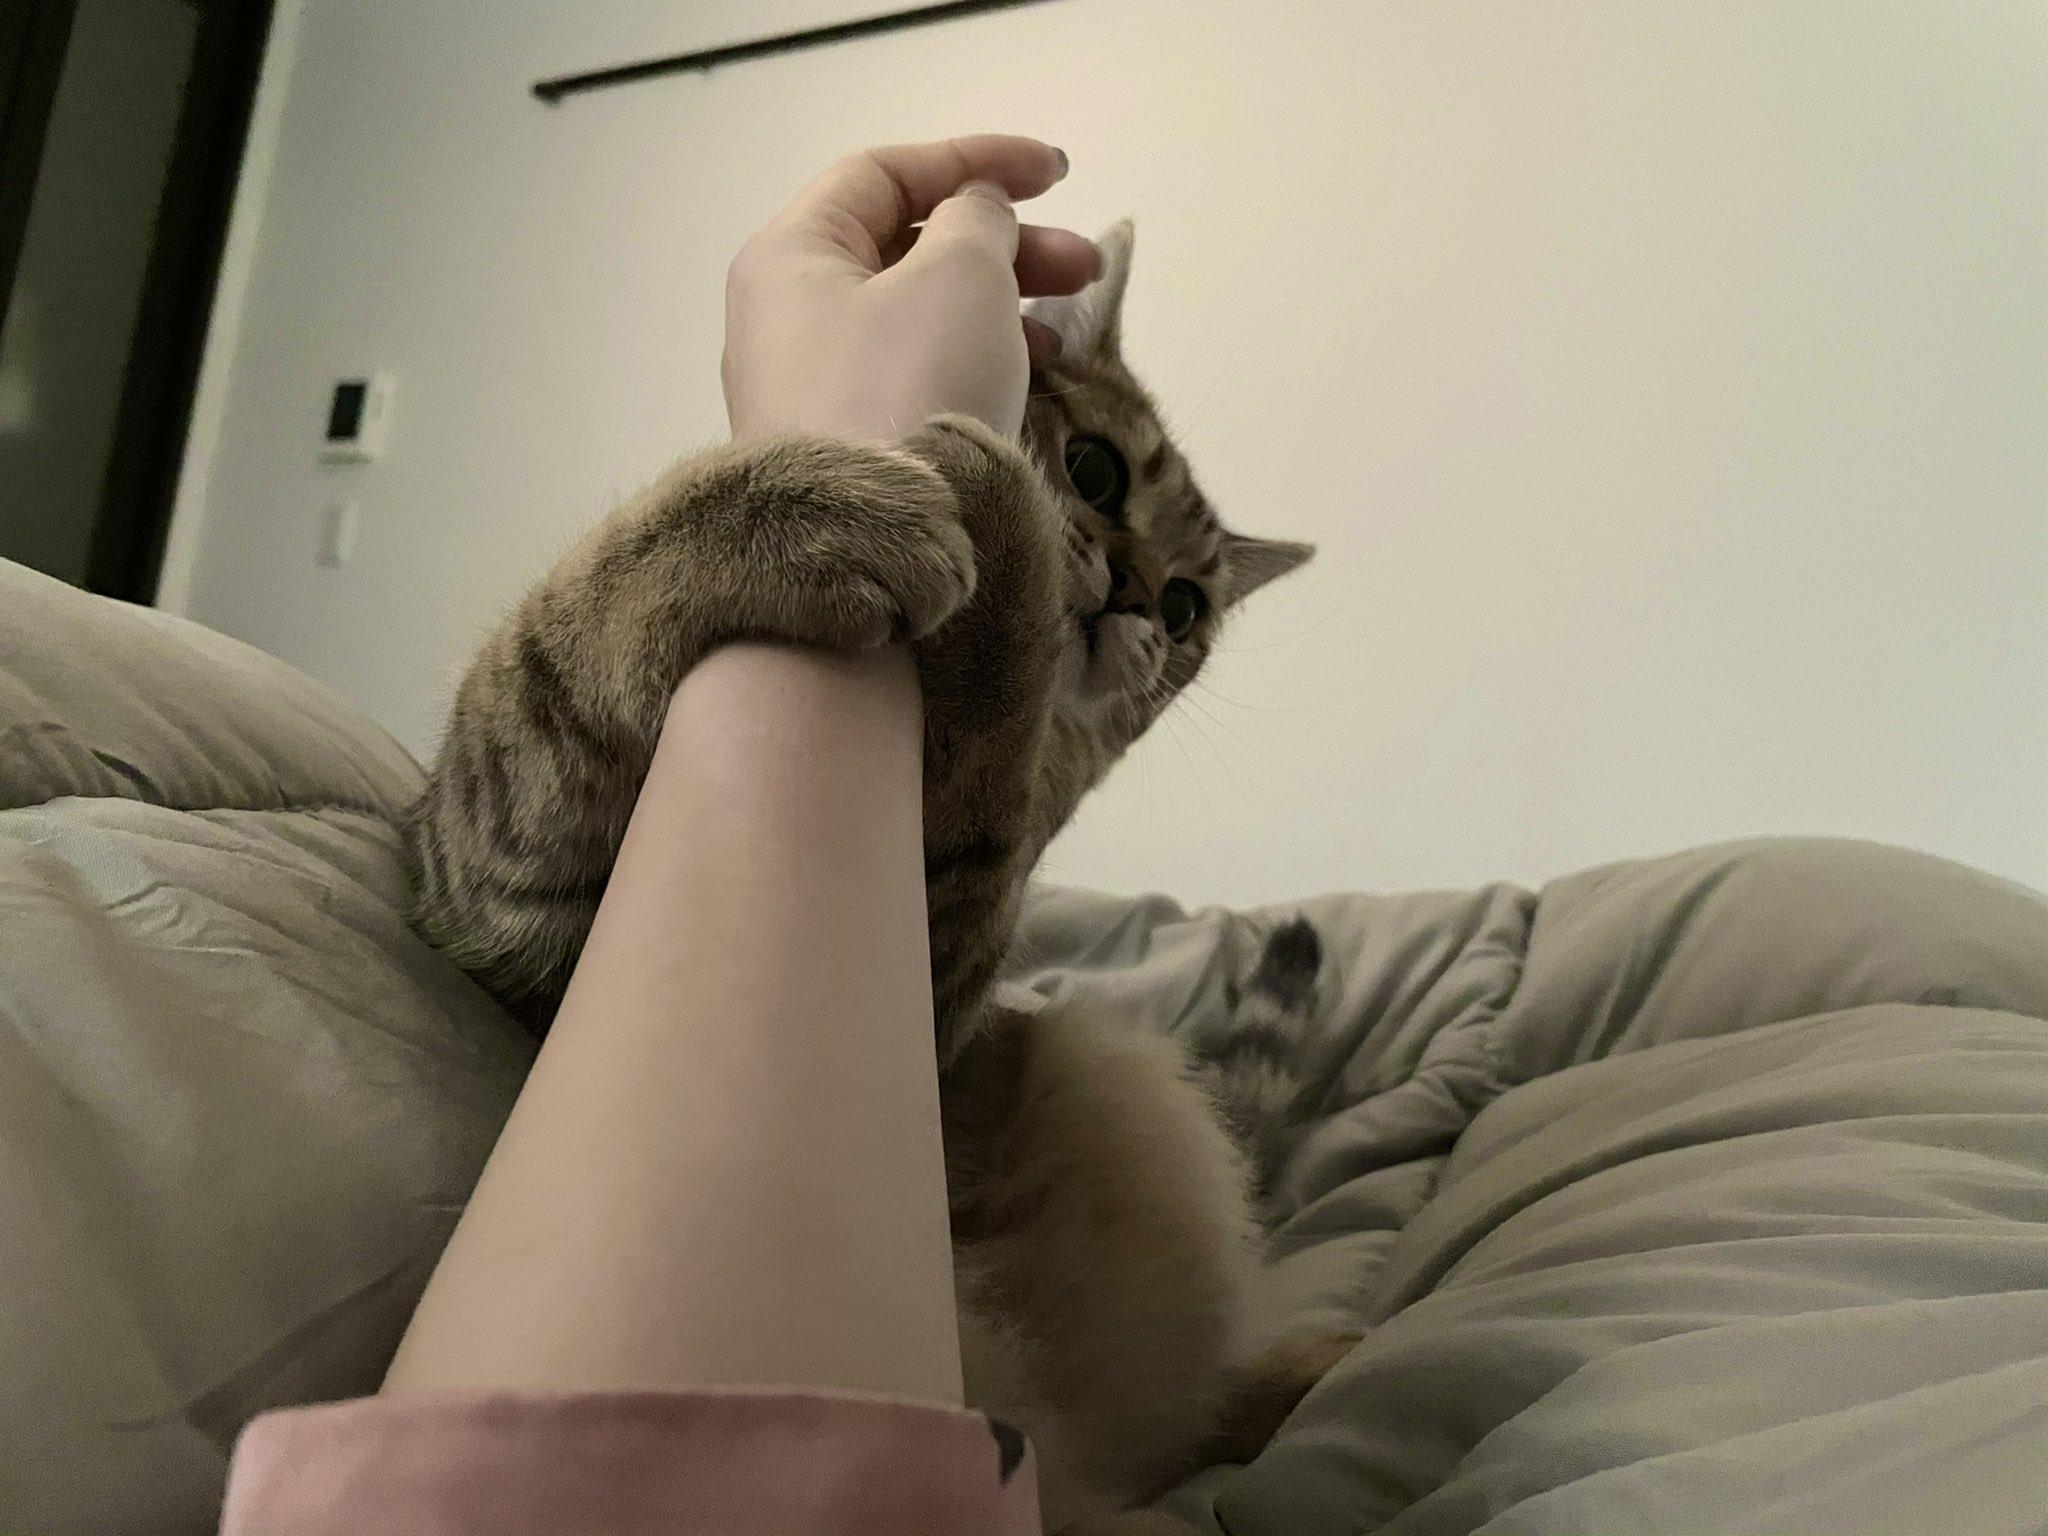 「アラームが鳴る=お留守番」を完全に理解した猫